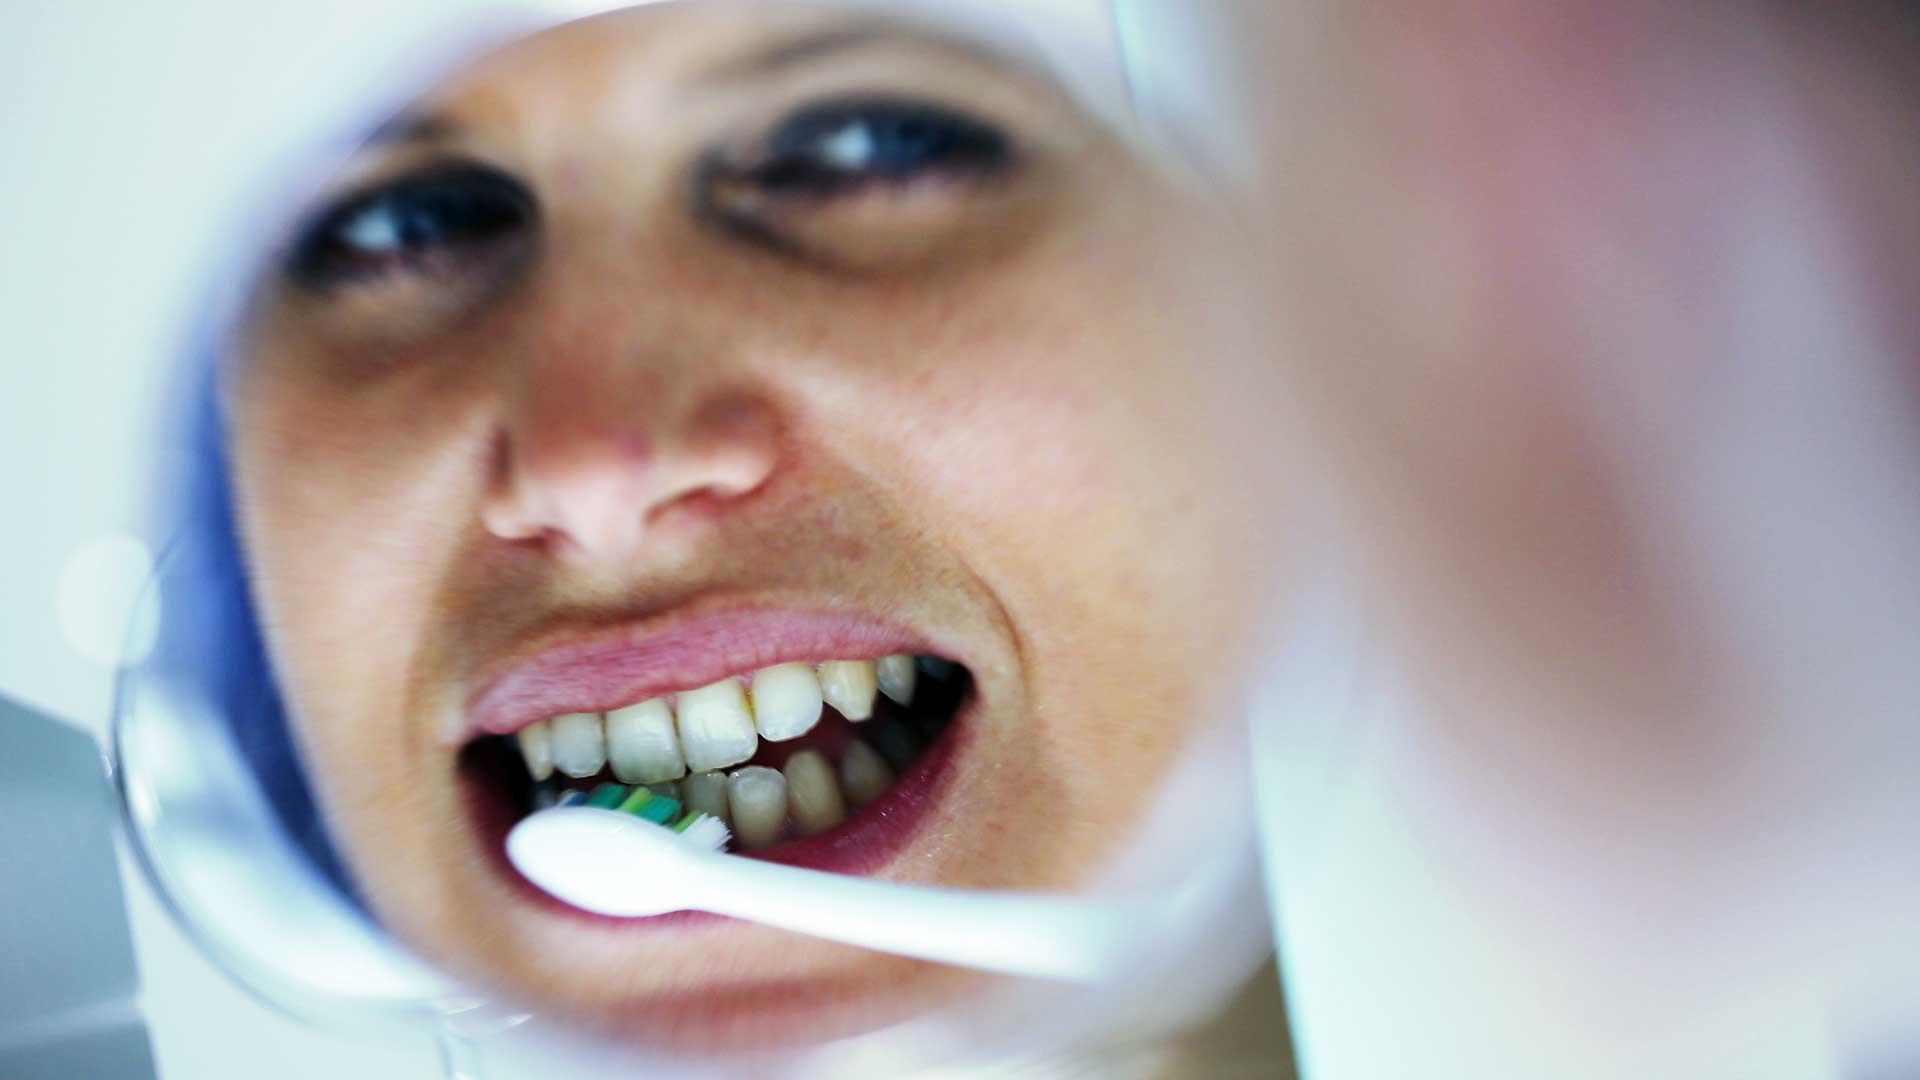 Frau putzt sich vorm Spiegel die Zähne.